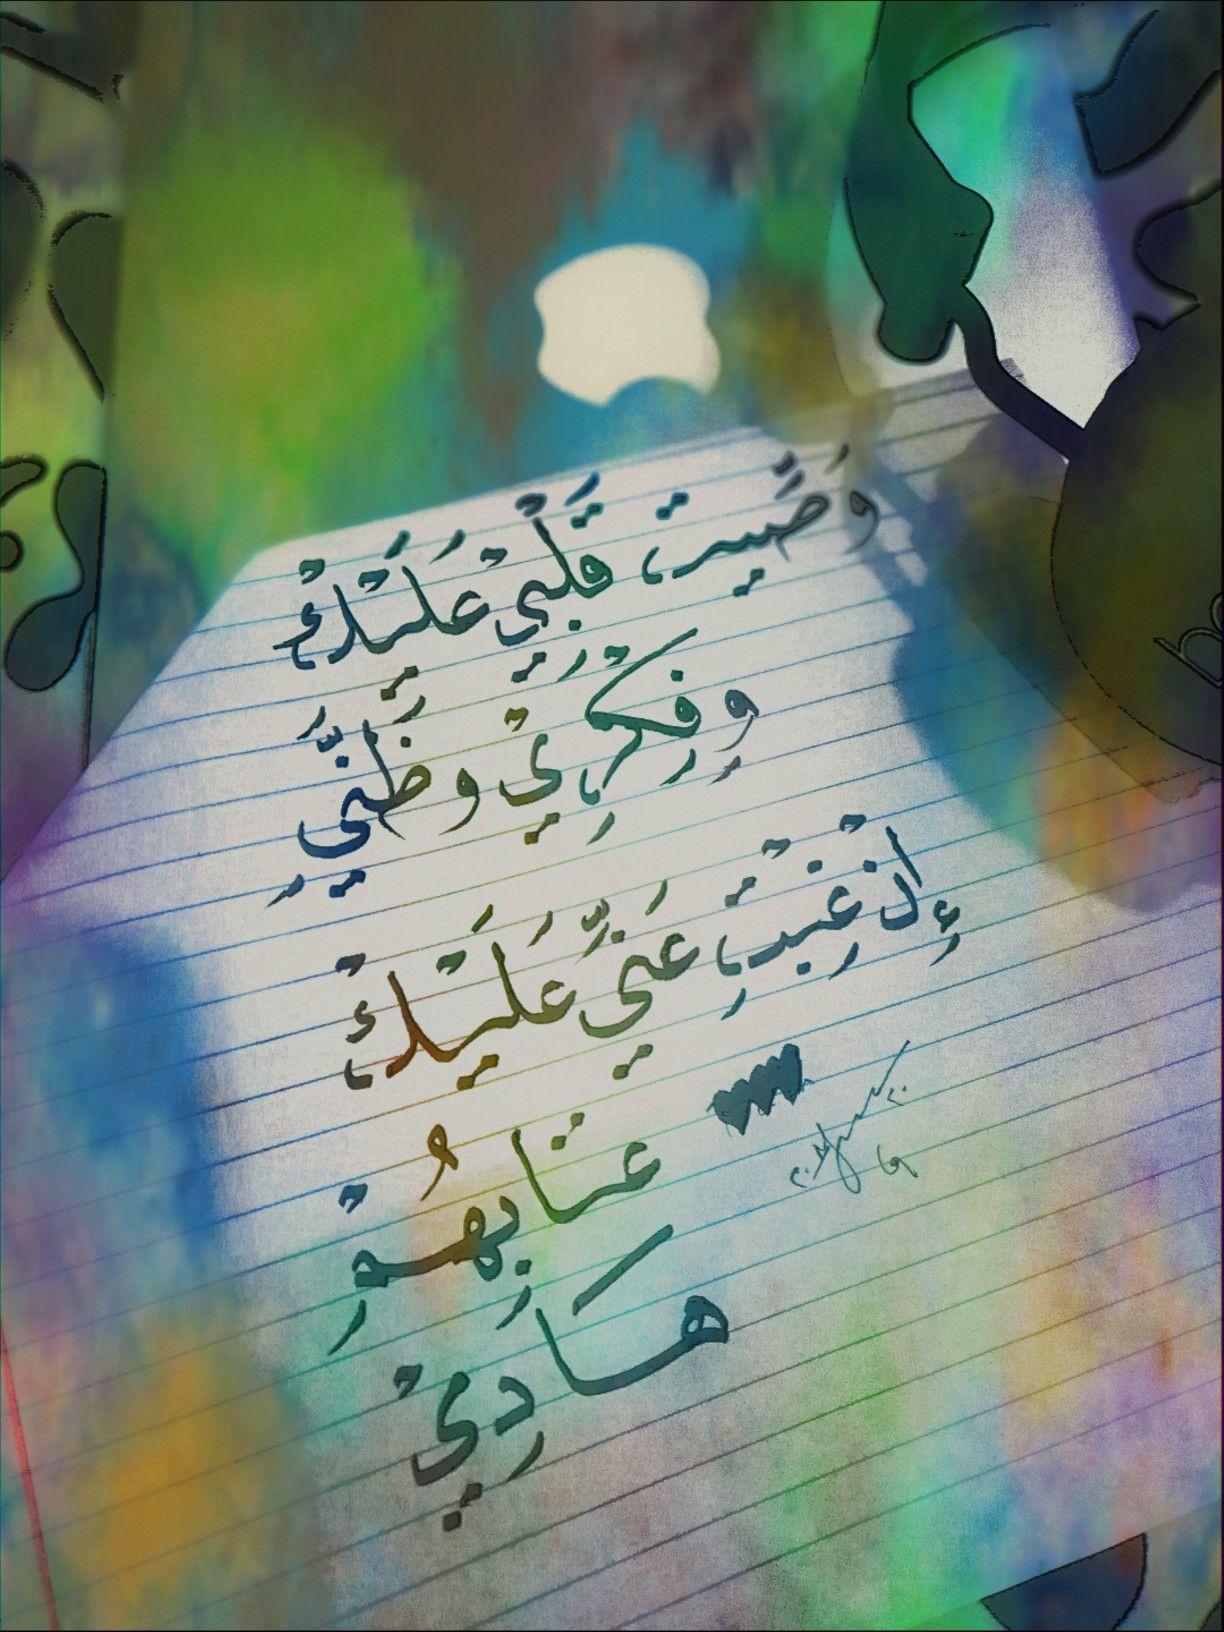 وصيت قلبي عليك وفكري وظني ان غبت عنهم عليك عتابهم هادي Arabic Calligraphy Handwriting Calligraphy